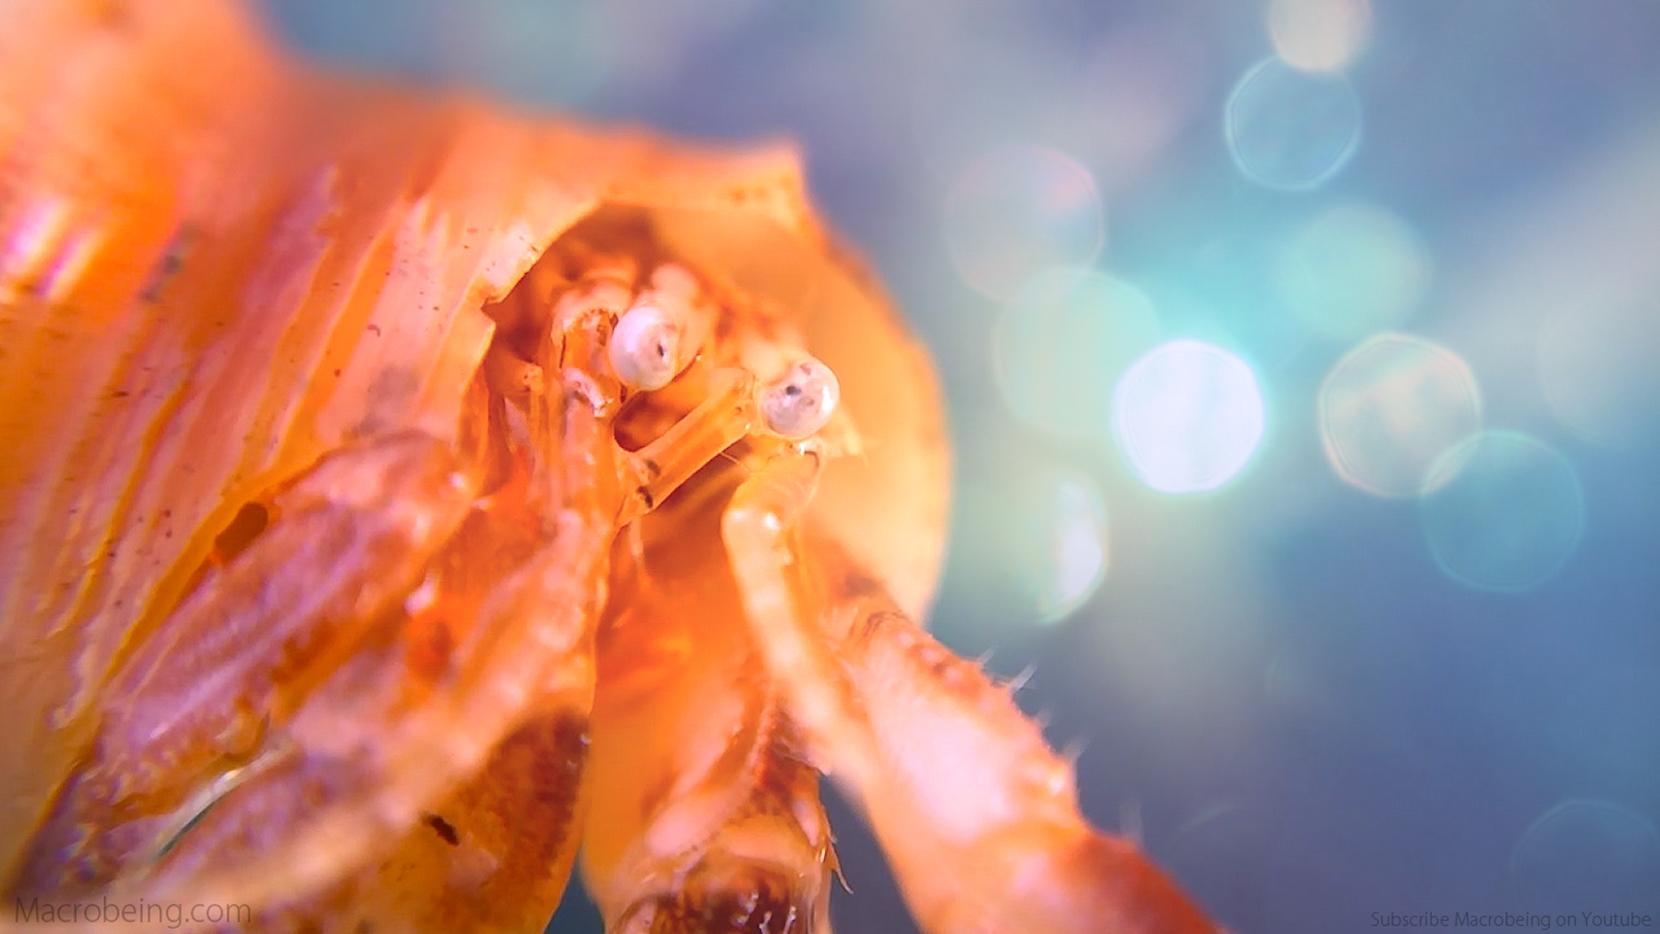 Macrobeing - Hermit Crab